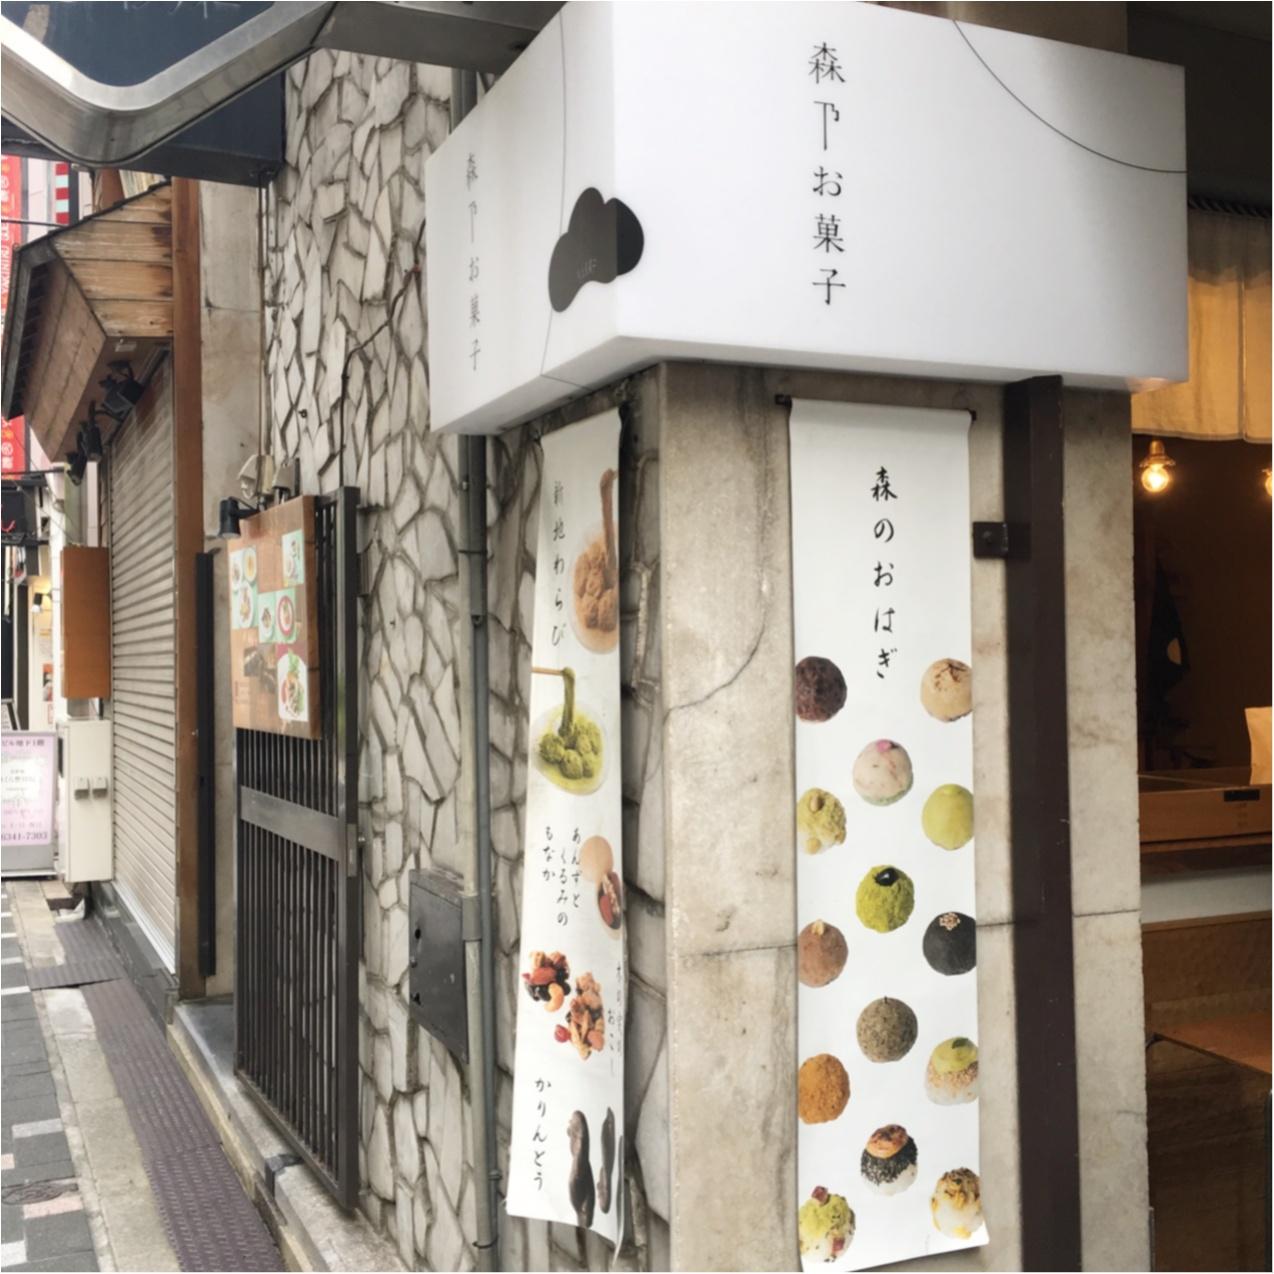 大阪のおしゃれなお土産特集《2019年》- 女子に人気のかわいいお土産や、JR新大阪駅のお土産ランキング_10